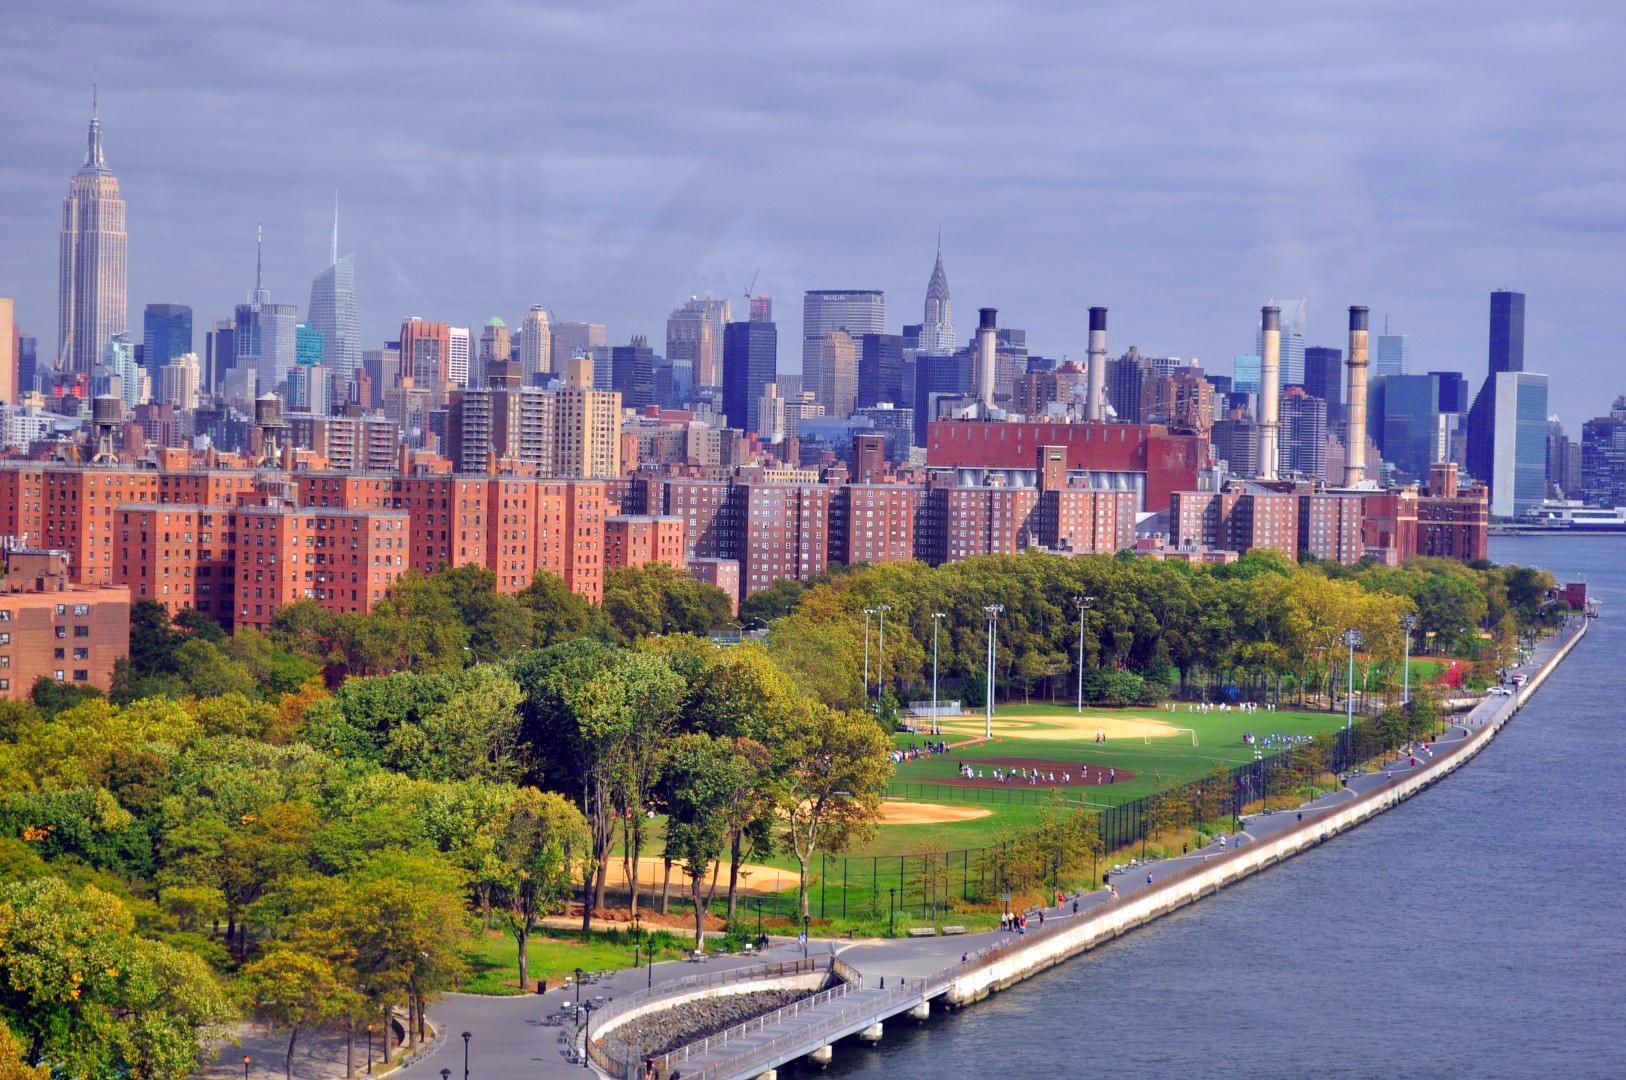 Qué hacer y ver en Nueva York qué hacer y ver en nueva york - 30774750400 3ab03f982f o - Qué hacer y ver en Nueva York